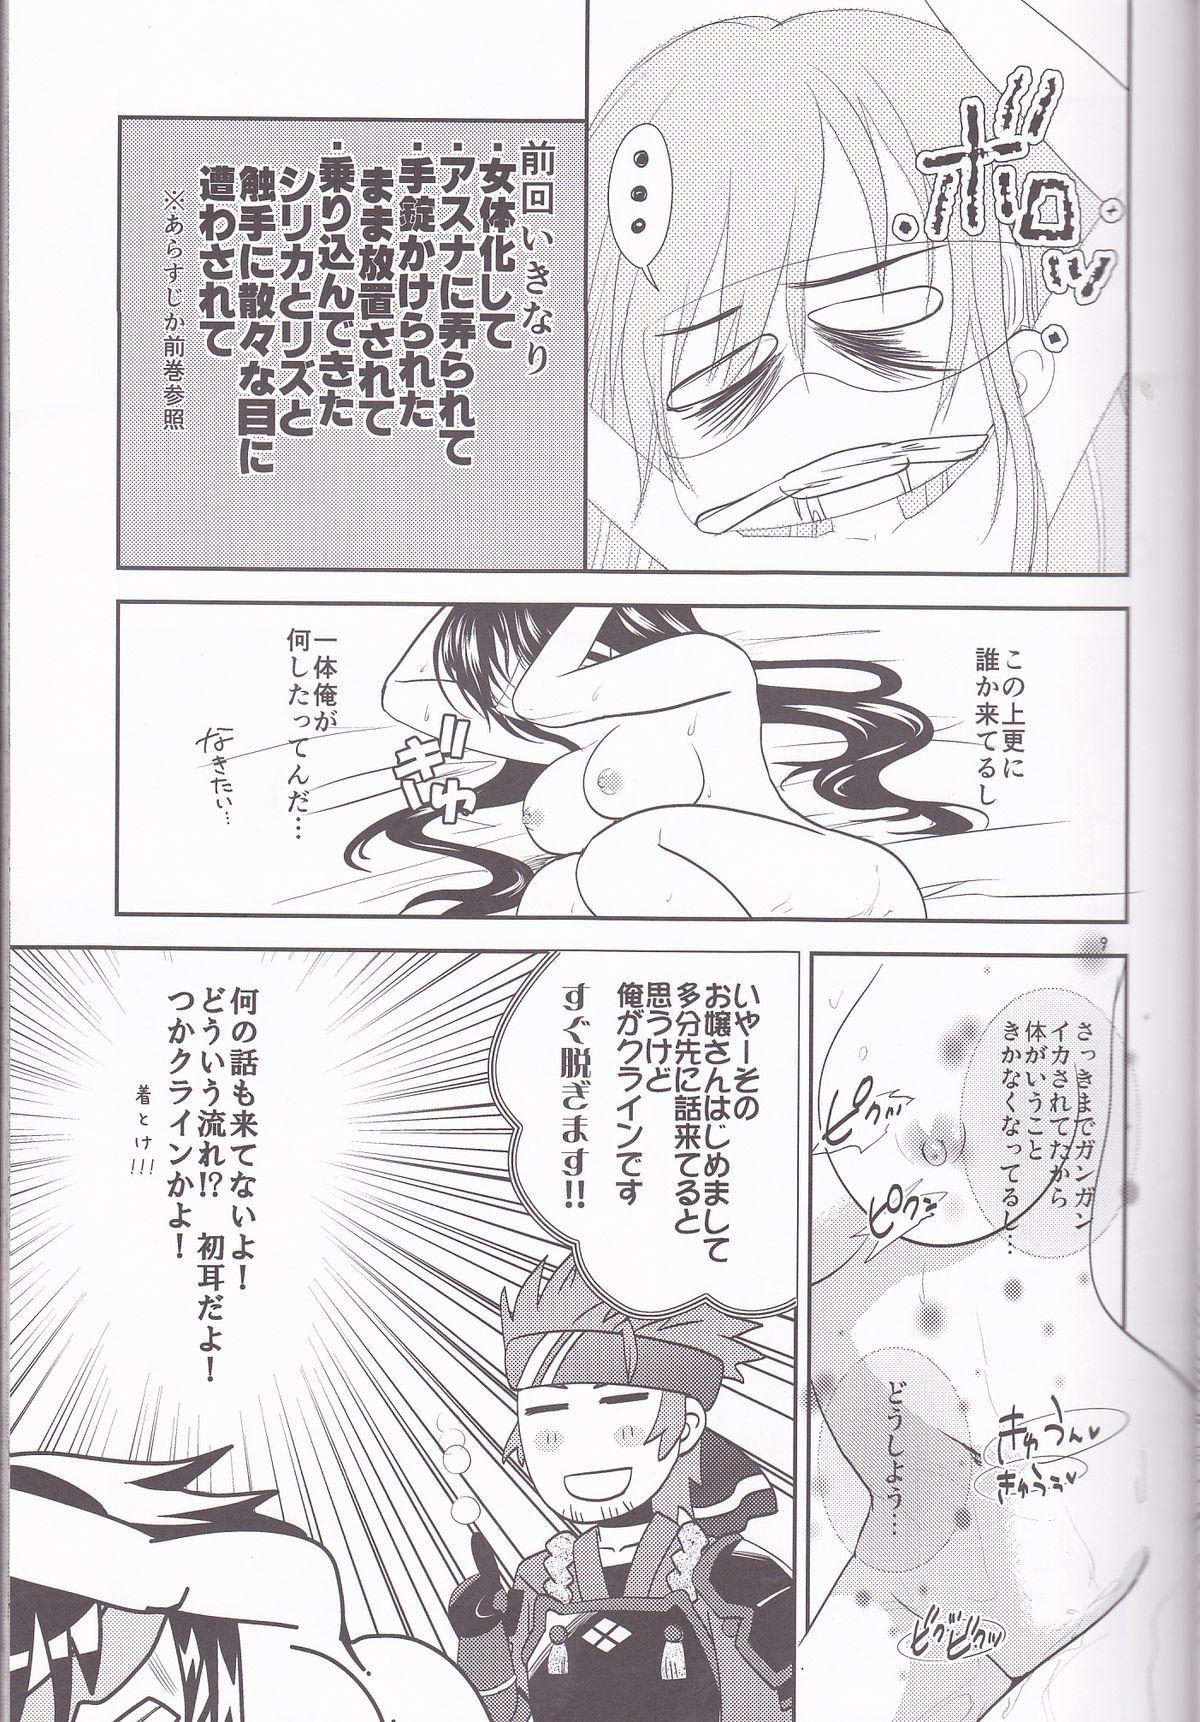 Kirito-kun no shiroku betatsuku nani ka 3 8